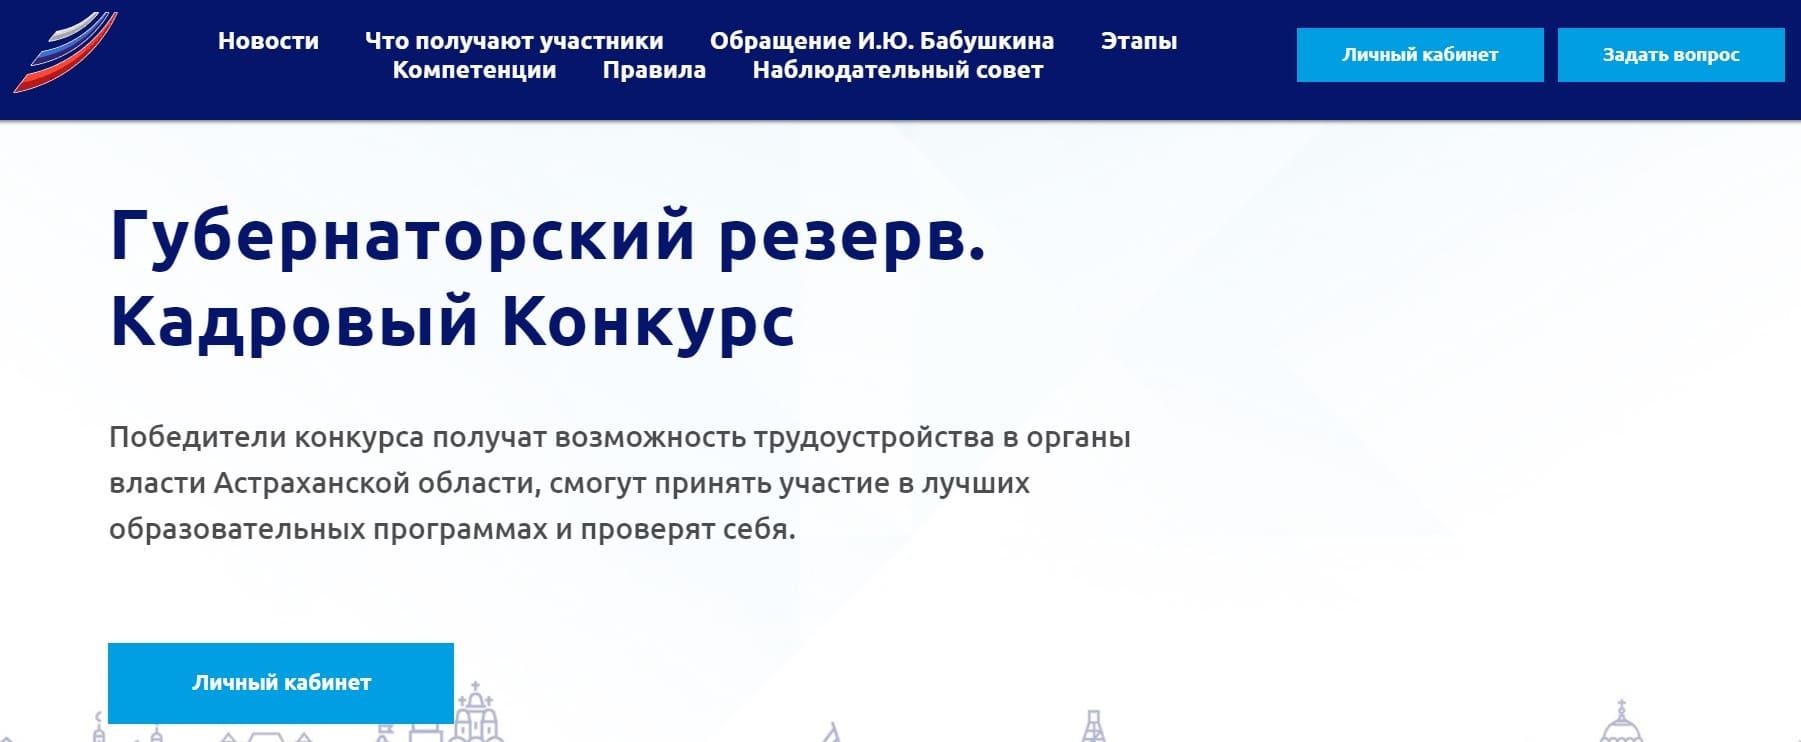 ЛК «Губернаторский резерв»